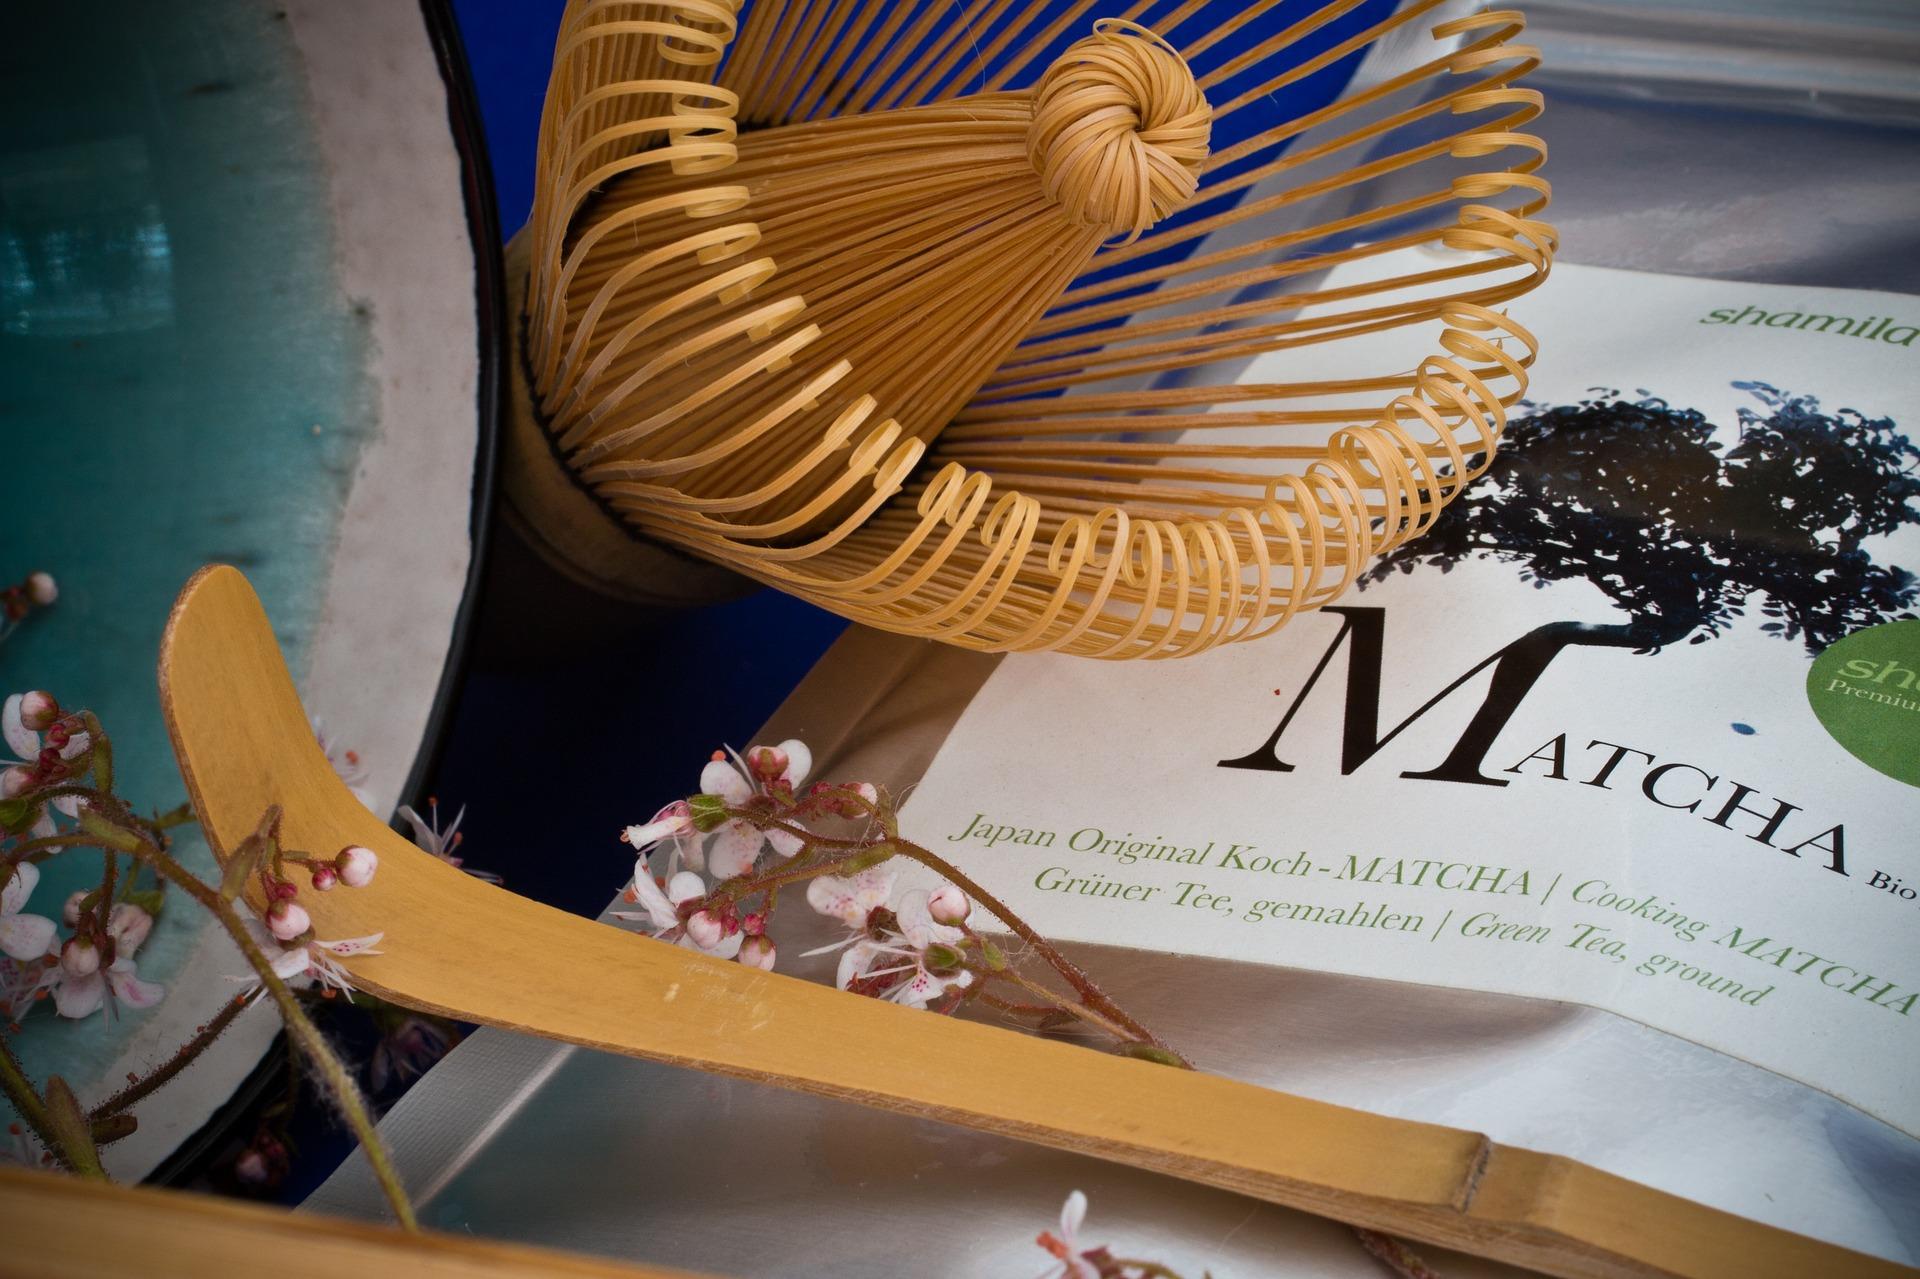 matcha-tea-1409065_1920